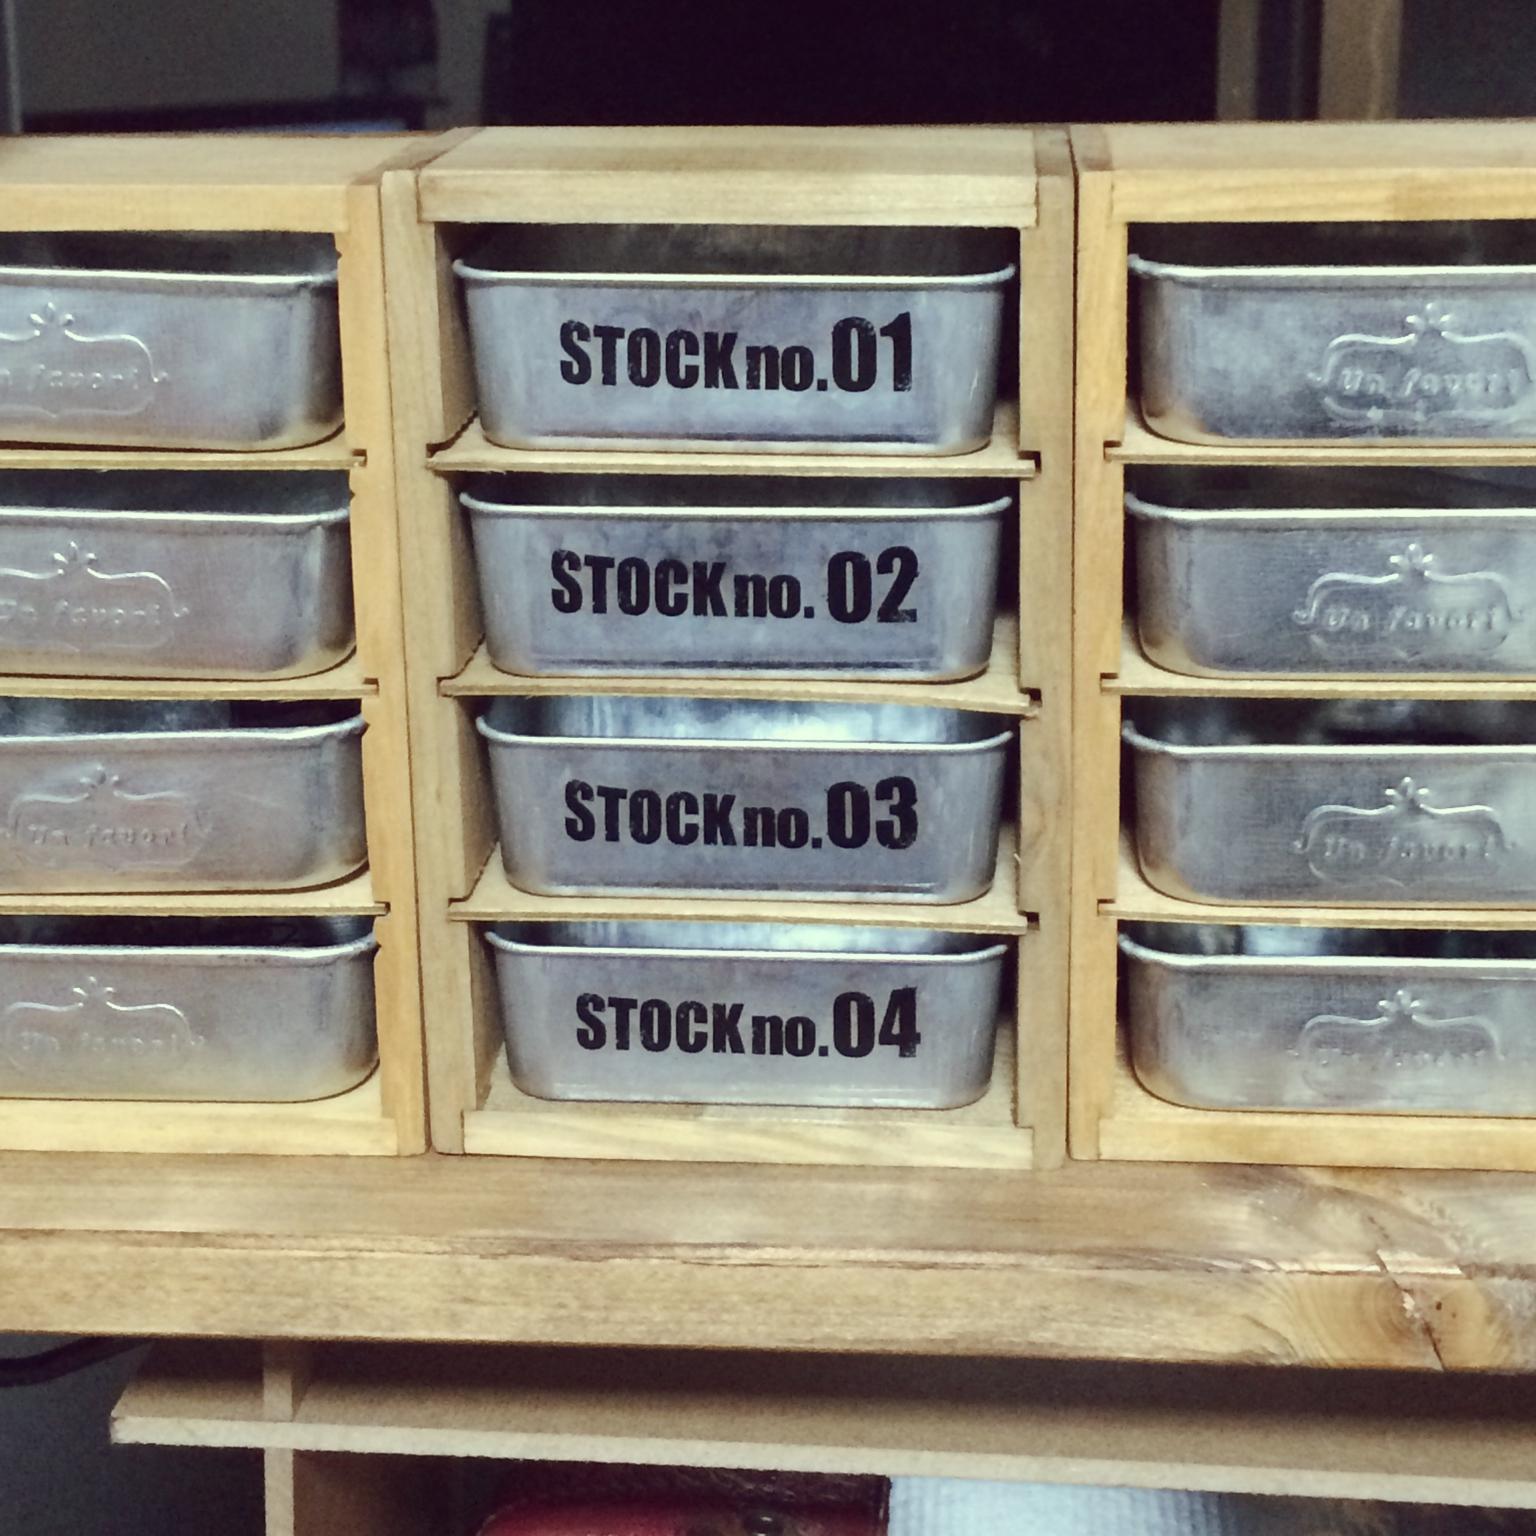 女性で、、家族住まいのセリア/ブリキトレー/木製仕切りケース/棚についてのインテリア実例を紹介。